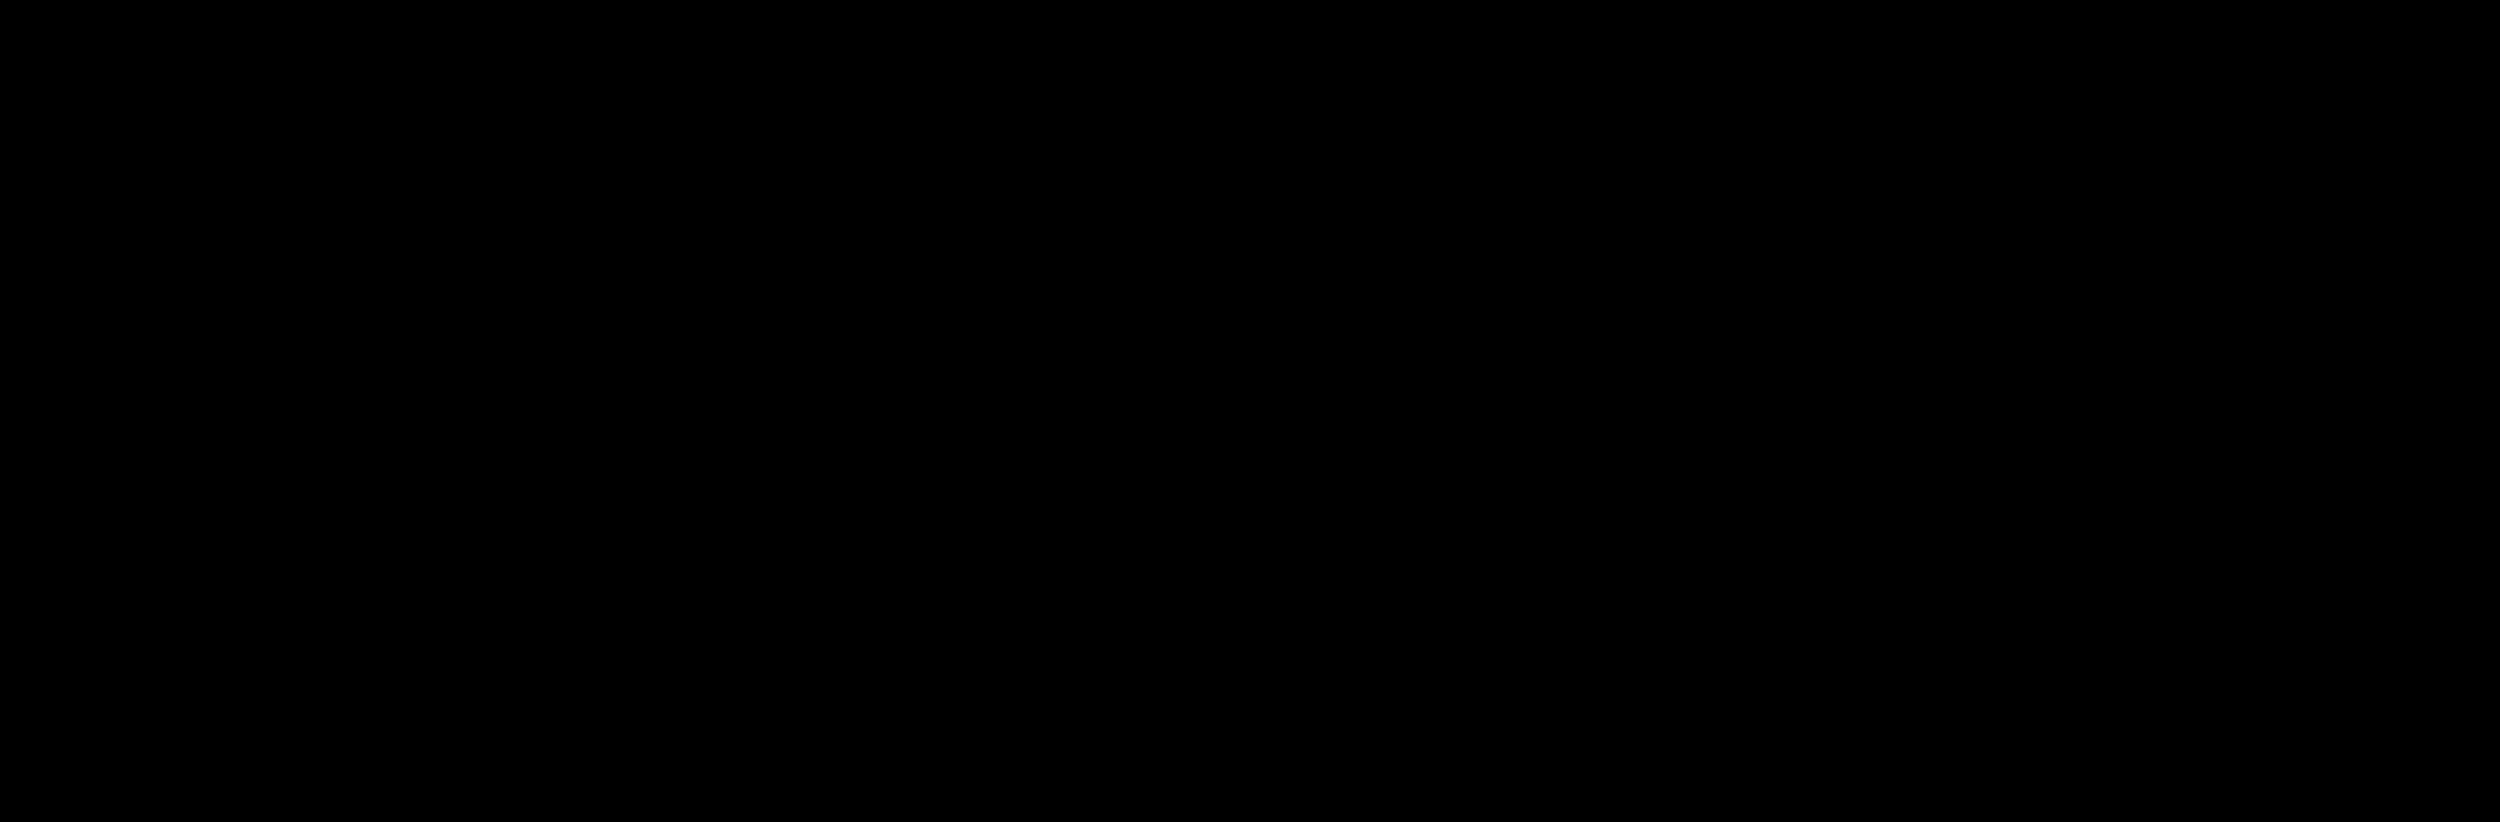 JFAK Logo.png